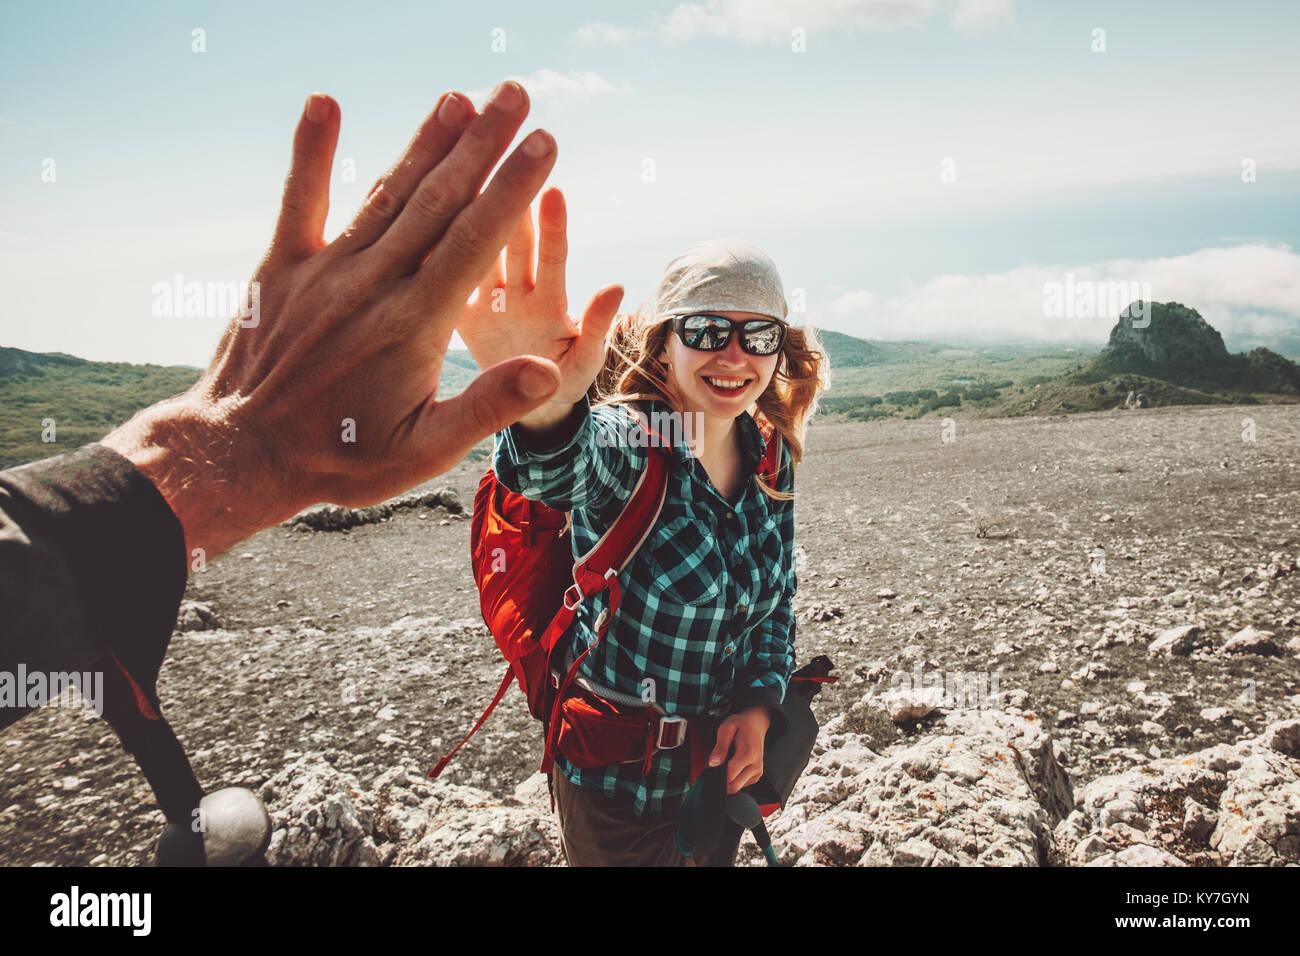 Gerne Freunde fünf Hände an der Berge Reisen Lifestyle positive Emotionen Konzept reisen. Junges Paar Stockbild